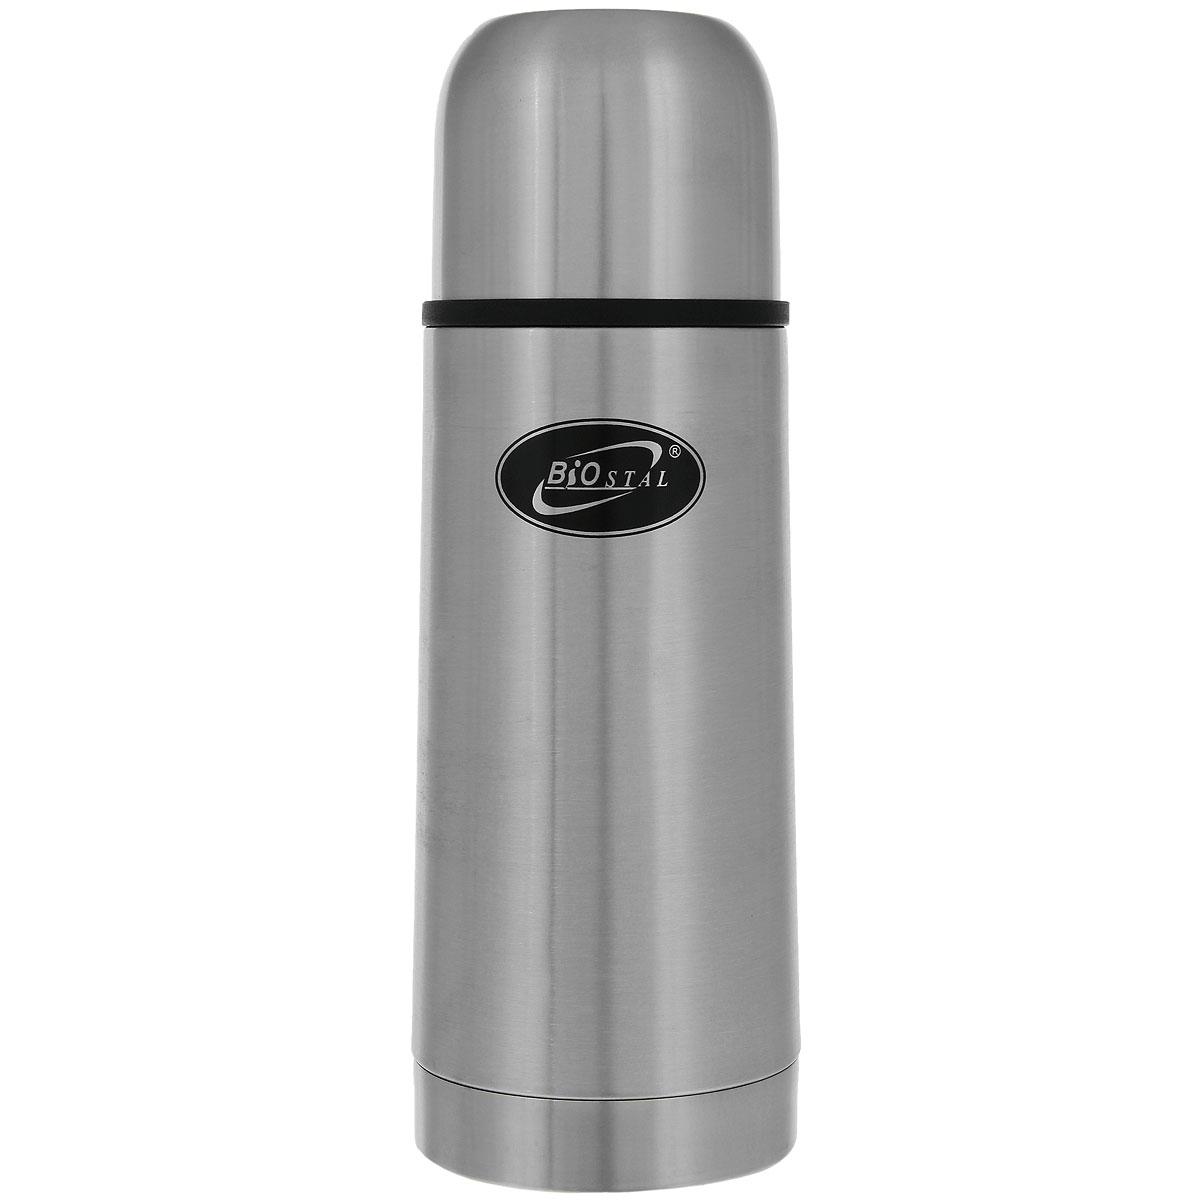 Термос Biostal, 350 мл. NB-350NB-350Термос с узким горлом Biostal NВ-350 относится к классической серии. Термосы этой серии, являющейся лидером продаж, просты в использовании, экономичны и многофункциональны. Термос предназначен для хранения горячих и холодных напитков (чая, кофе и пр.) и укомплектован двумя пробками (вторая пробка в подарок): пробка без кнопки надежна, проста в использовании и позволяет дольше сохранять тепло благодаря дополнительной теплоизоляции, пробка с кнопкой удобна в использовании и позволяет, не отвинчивая ее, наливать напитки после простого нажатия на кнопку. Особенности термоса: Легкий и прочный. Сохраняет напитки горячими или холодными долгое время. Изготовлен из высококачественной нержавеющей стали.